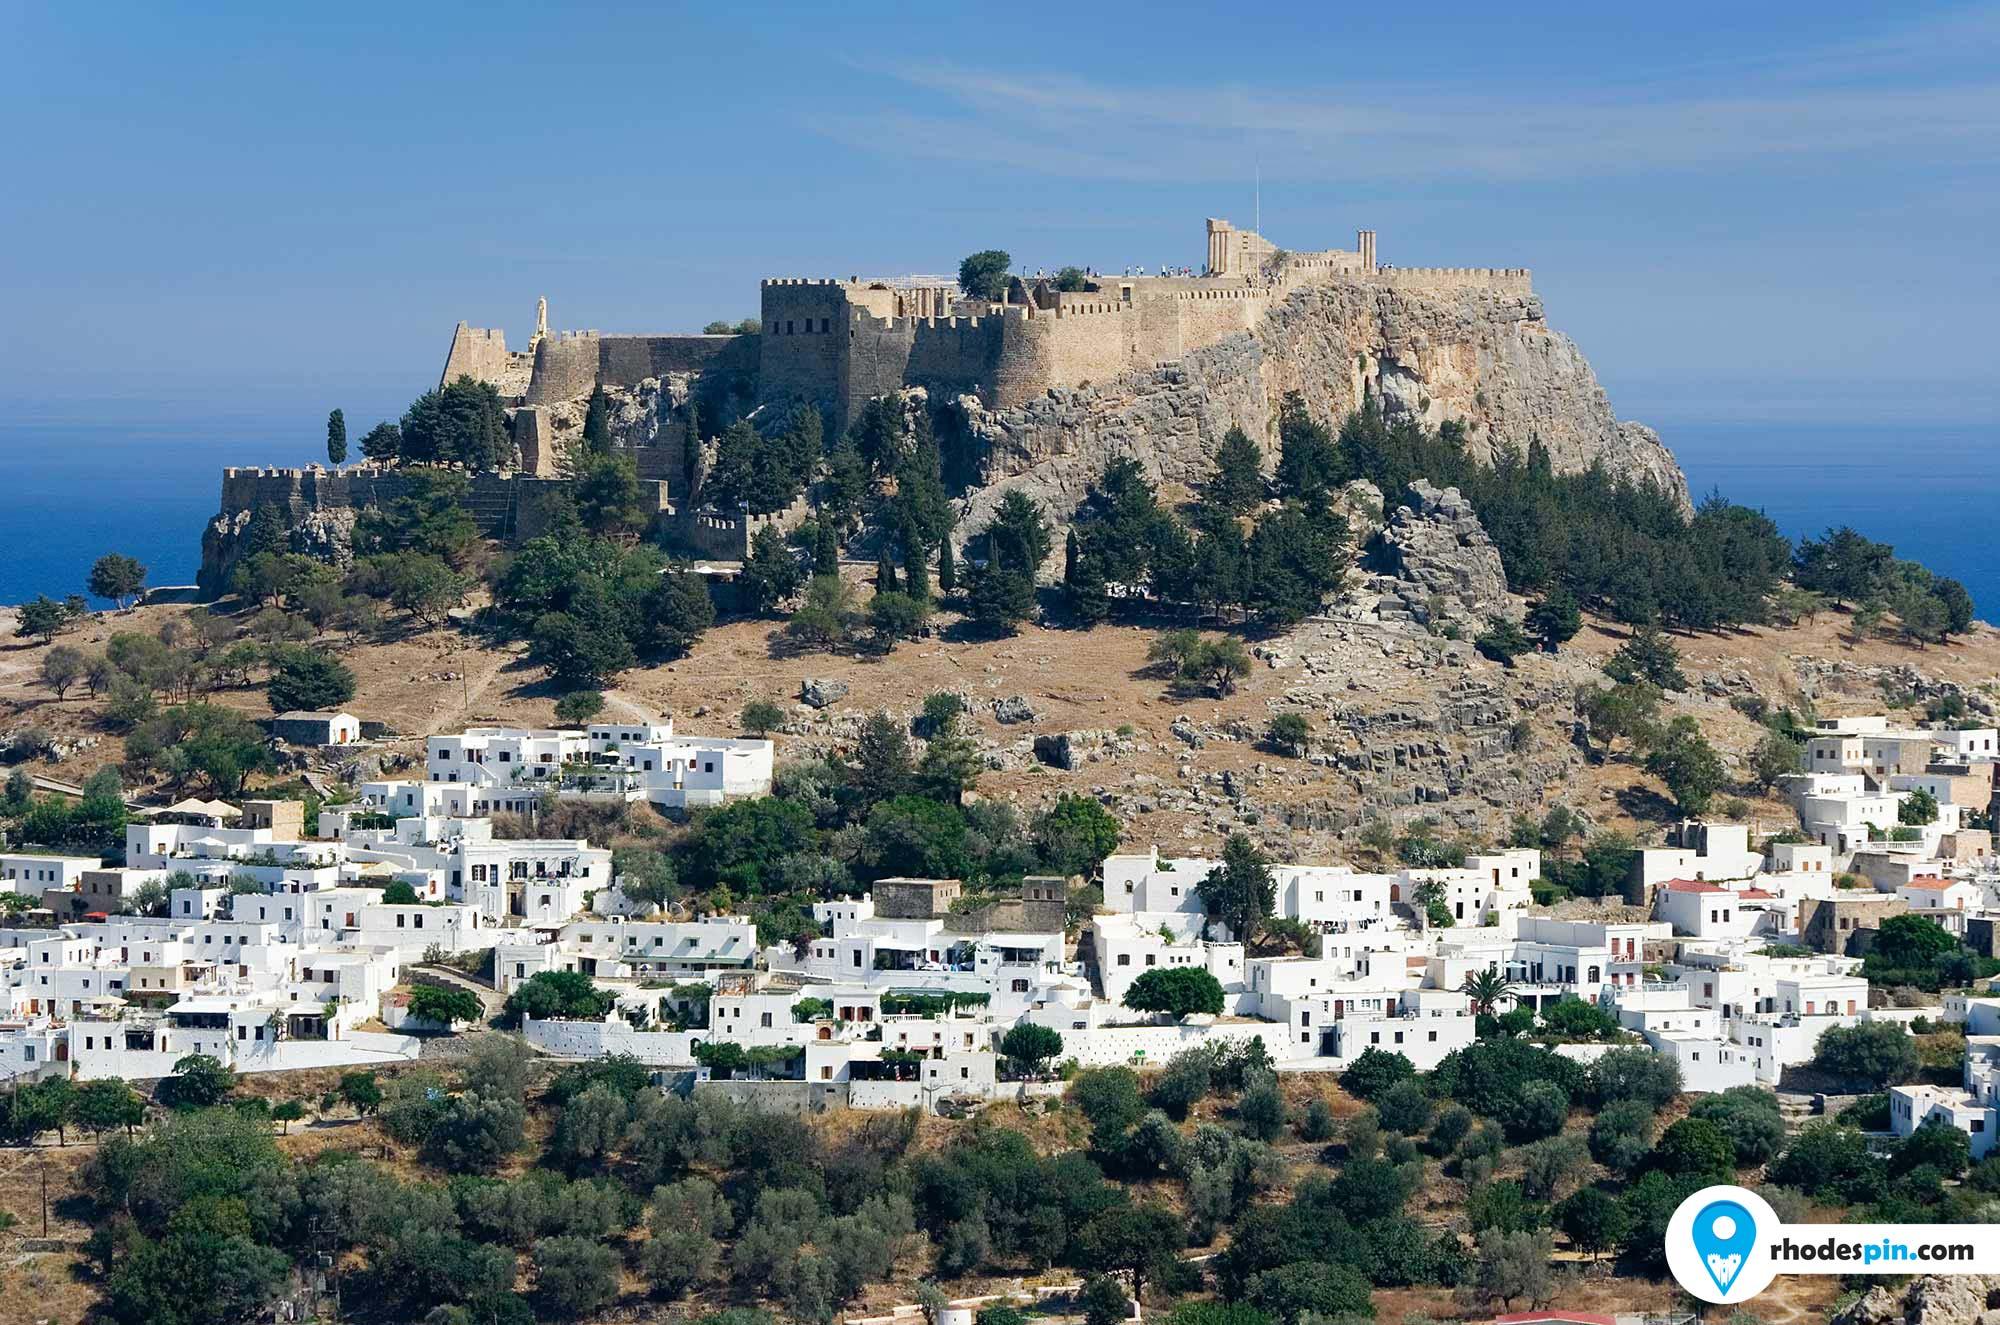 Acropolis of Lindos Rhodes island